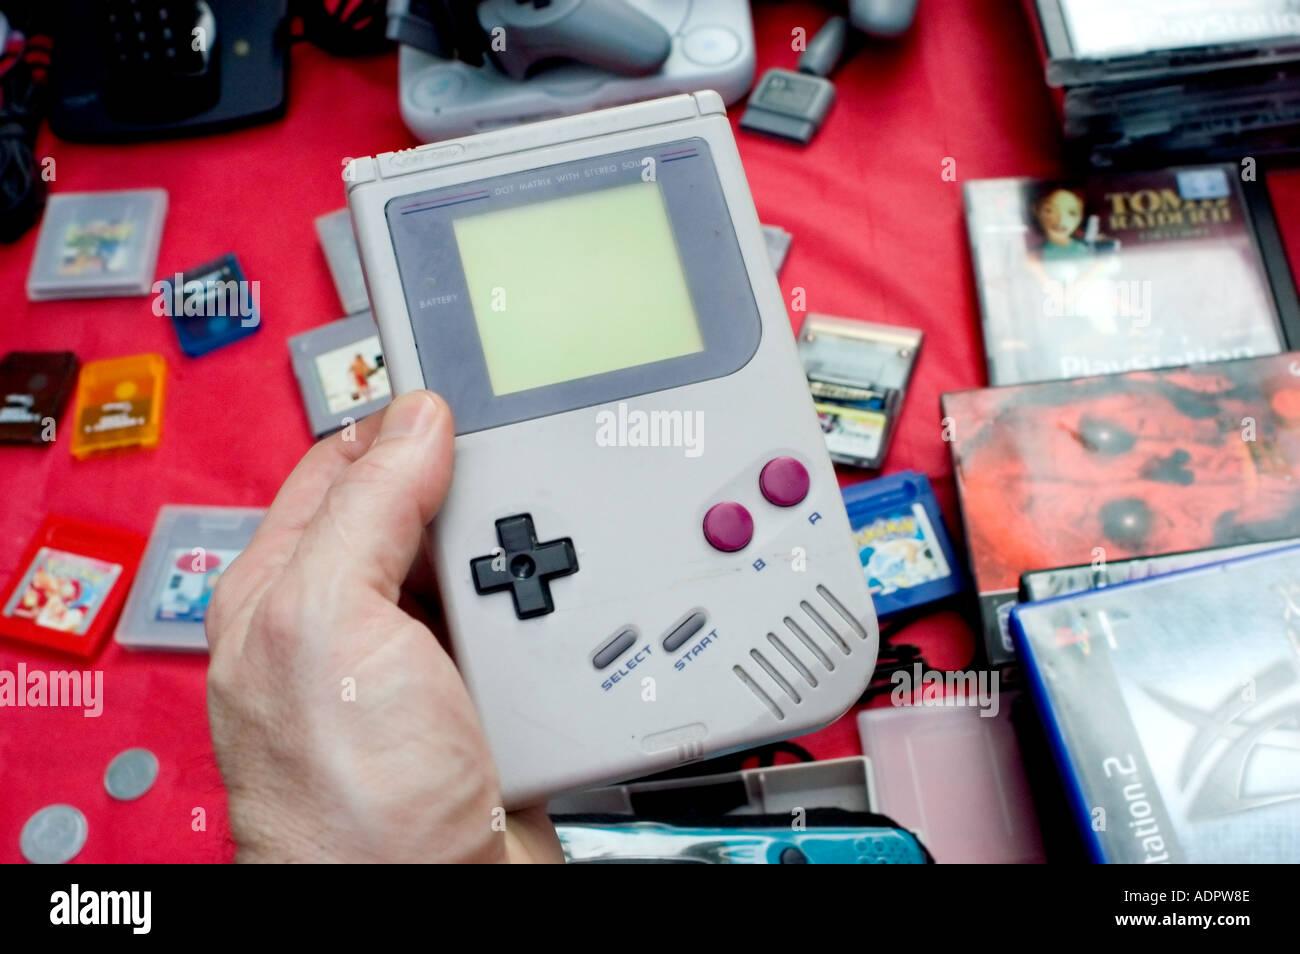 Paris France, Shopping 1980 l'électronique de consommation Produits pour enfants Jeux jouets 'électronique' 'Brocante' vieille 'Game Boy' Vintage Photo Stock